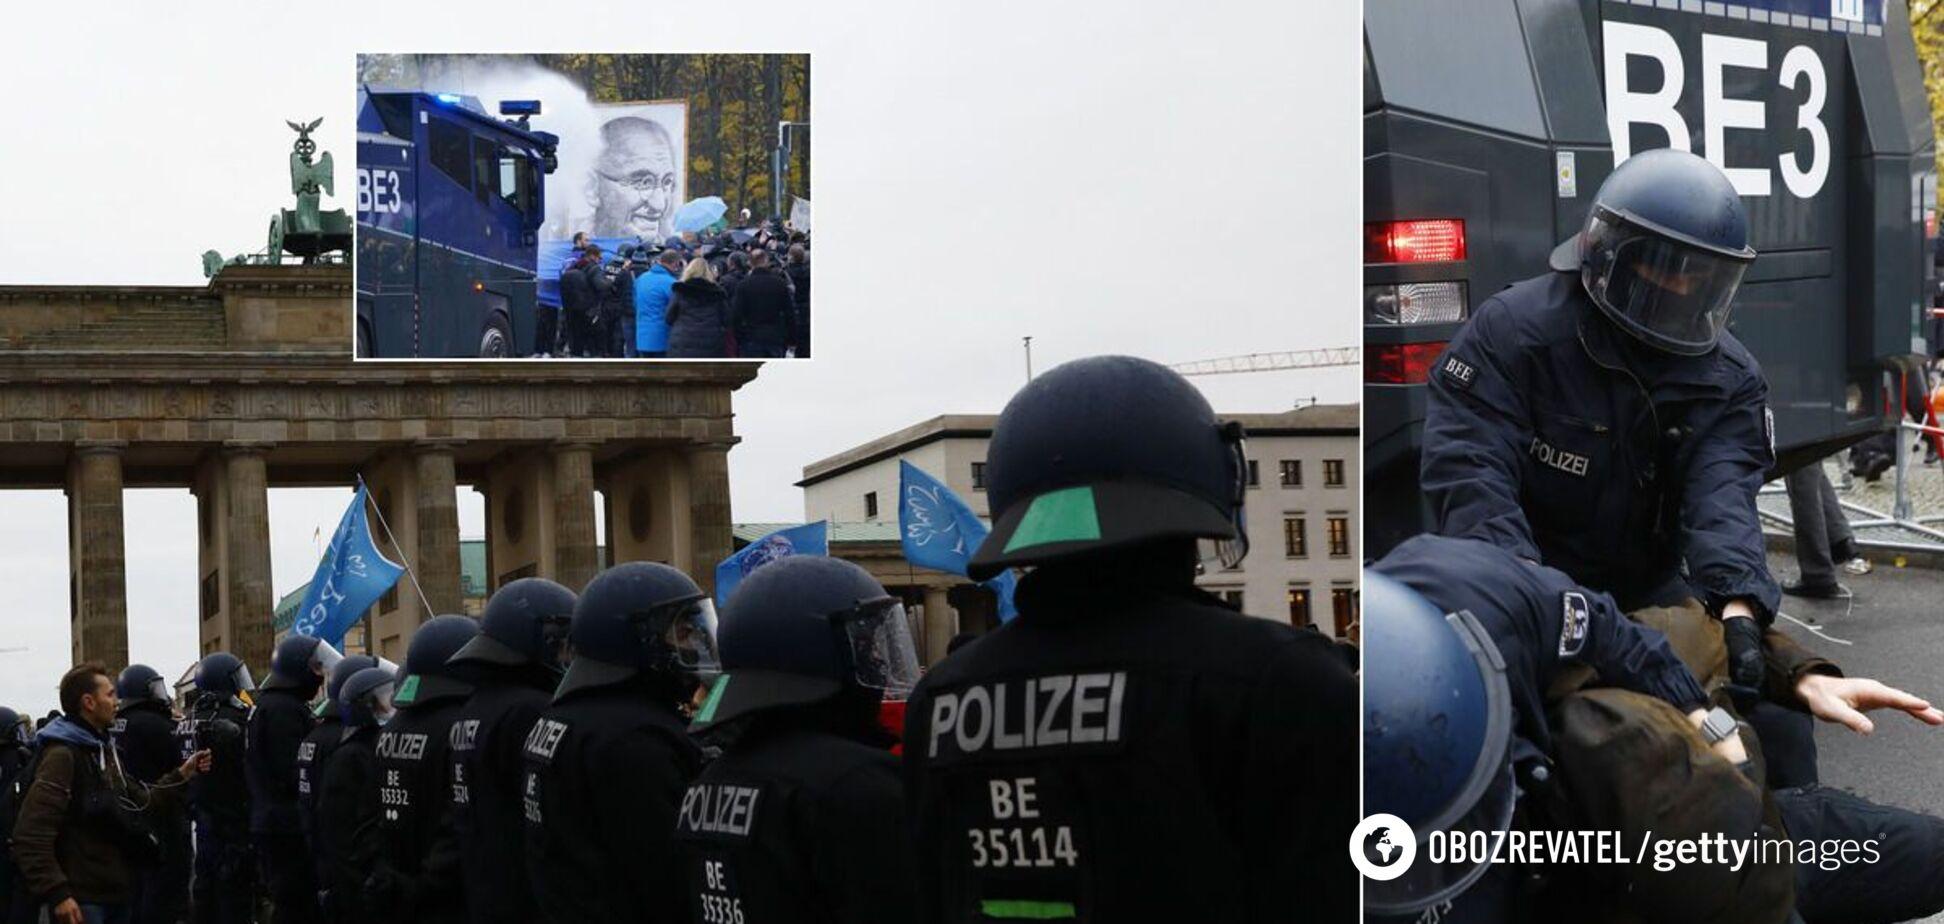 Берлин вышел на массовый протест из-за карантина: полиция применила водометы, сотни задержанных. Фото и видео